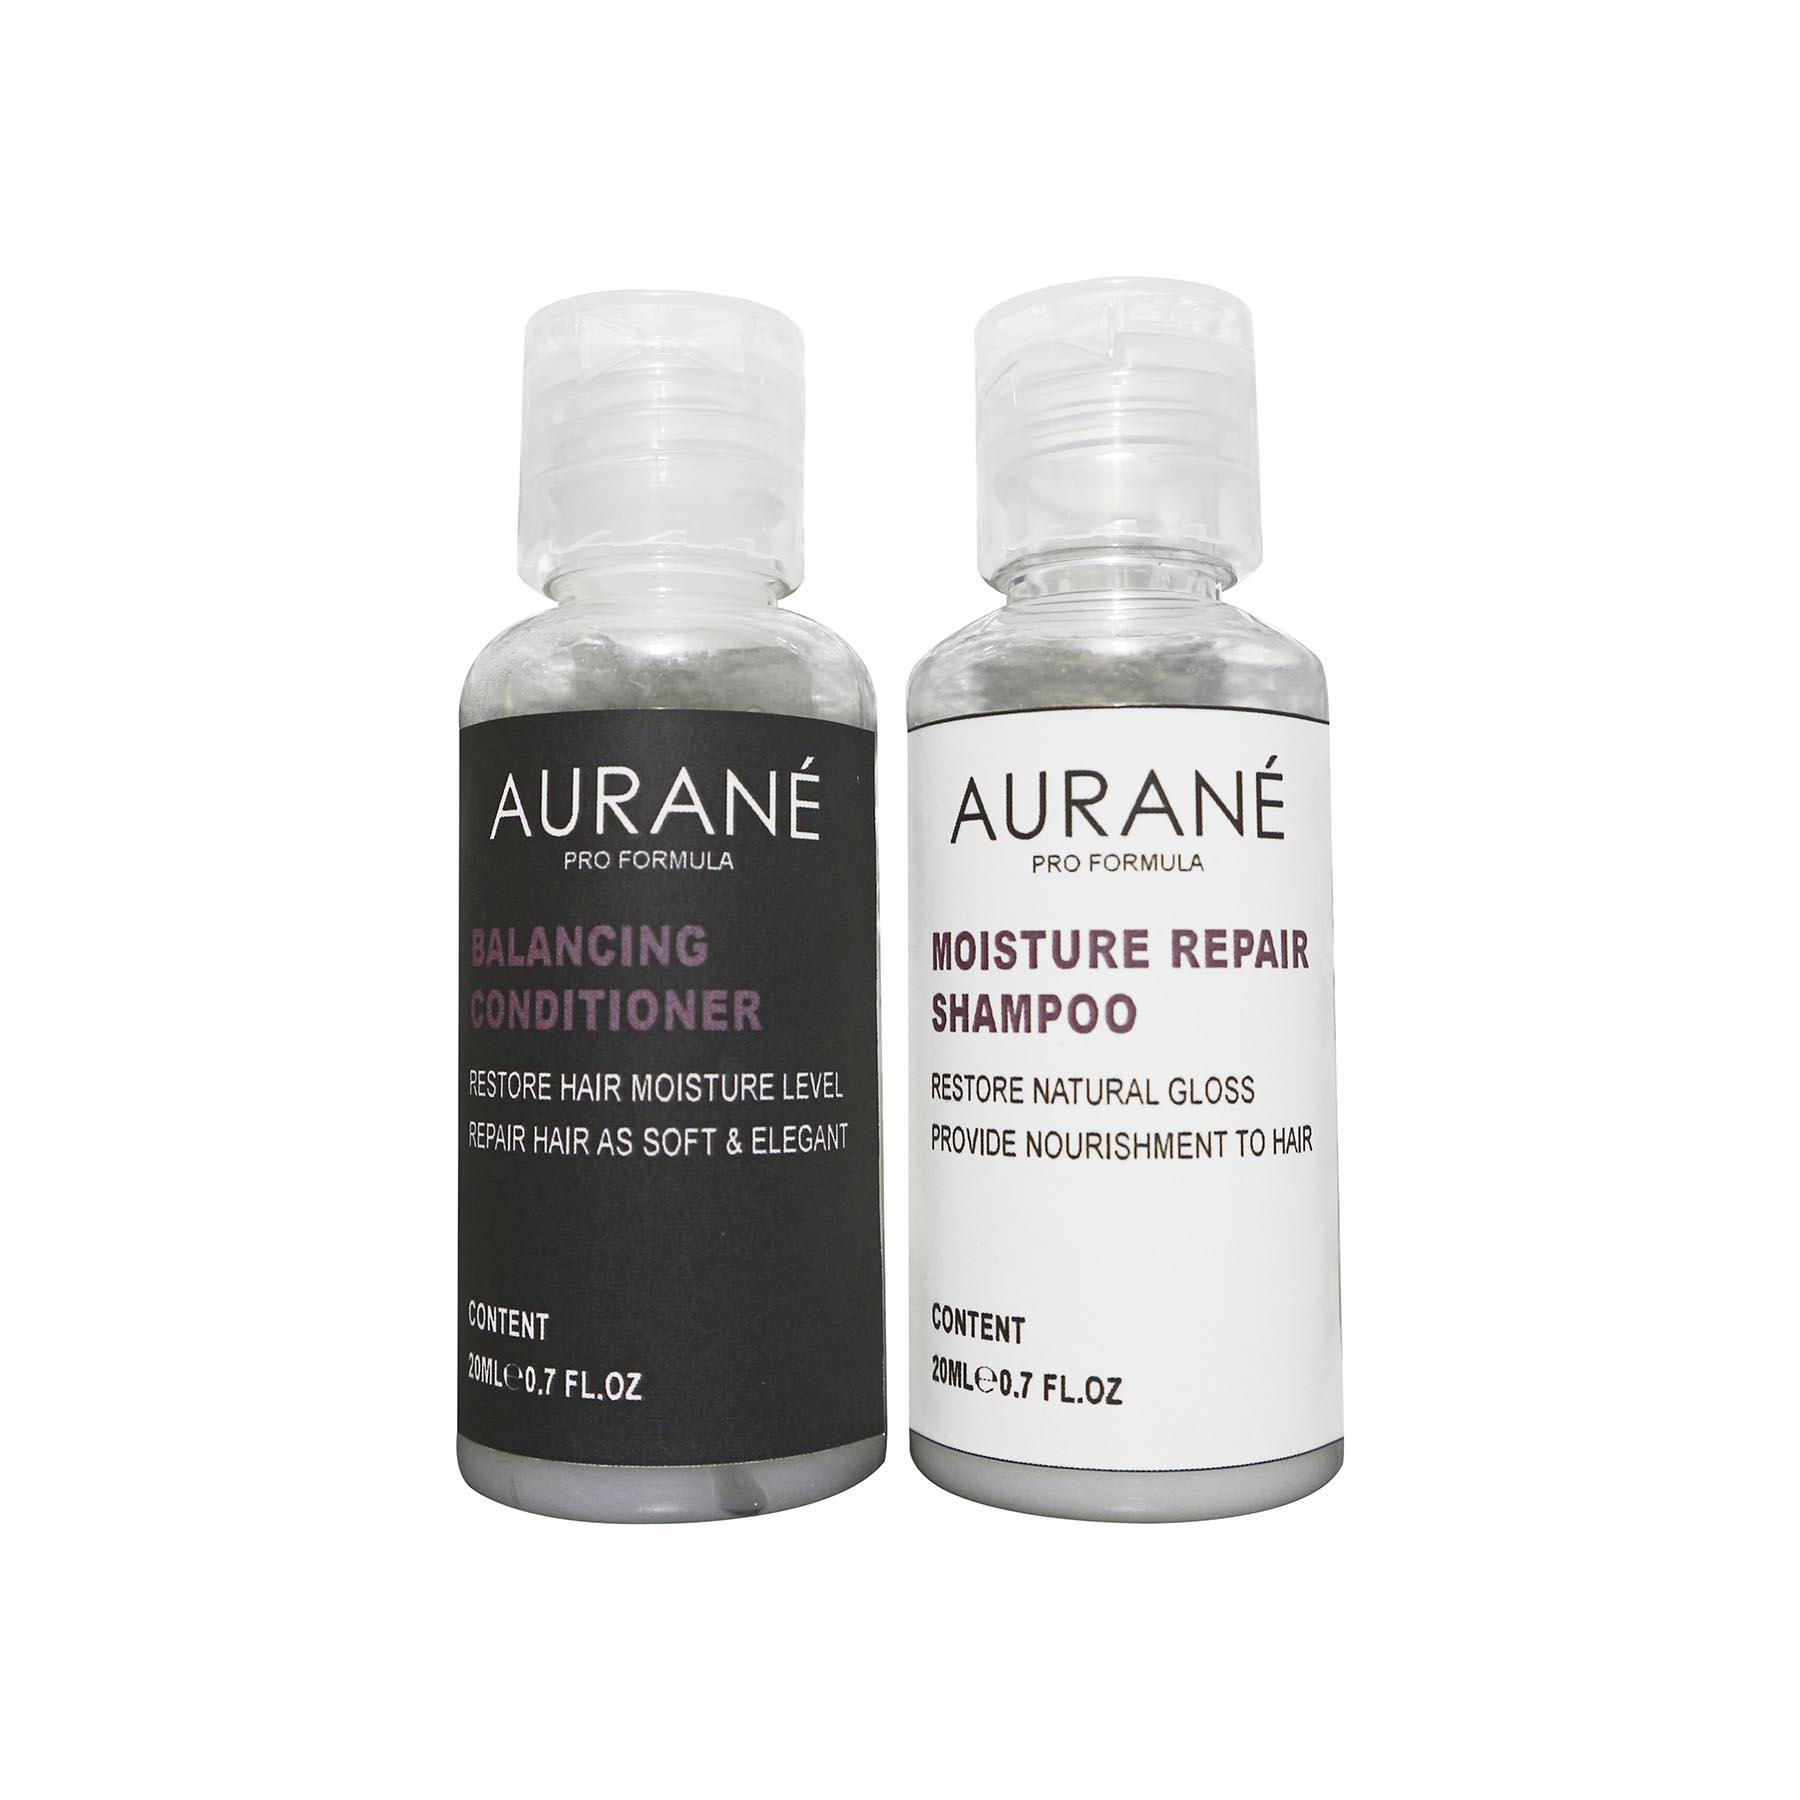 dau-goi-moisture-repair-dau-xa-balancing-aurane-30ml-01